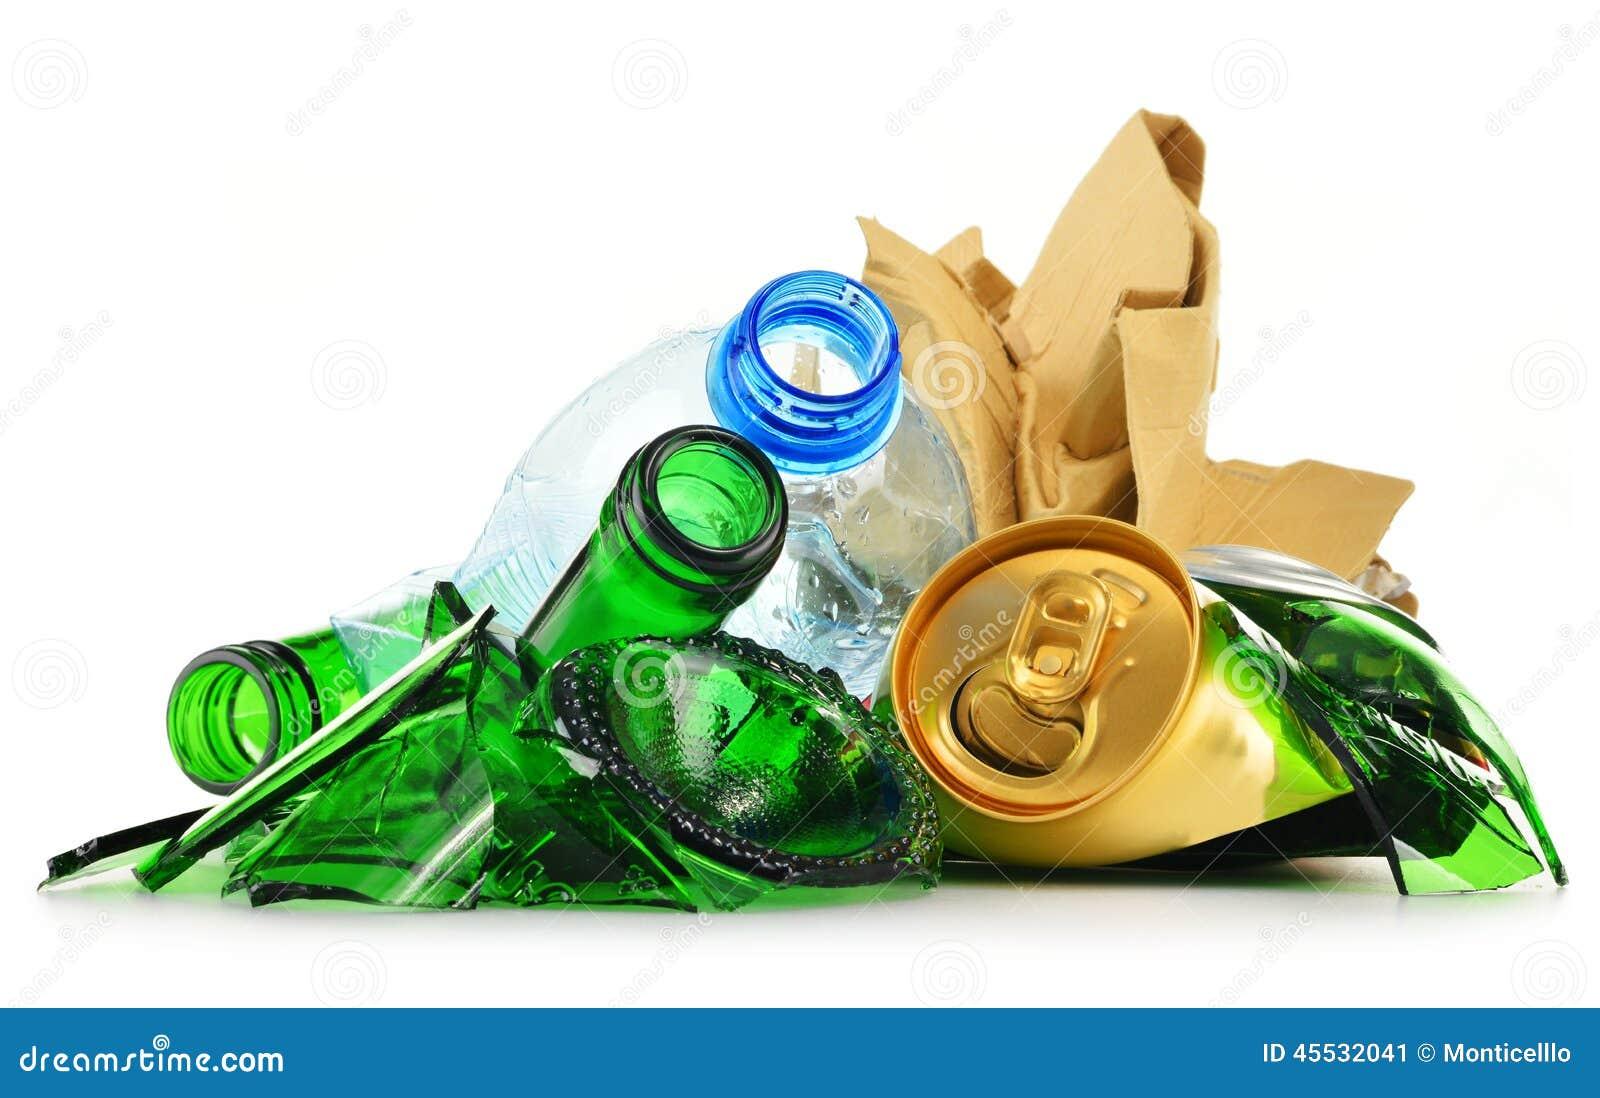 Recyclable śmieciarski składać się z szklany plastikowy metal i papier